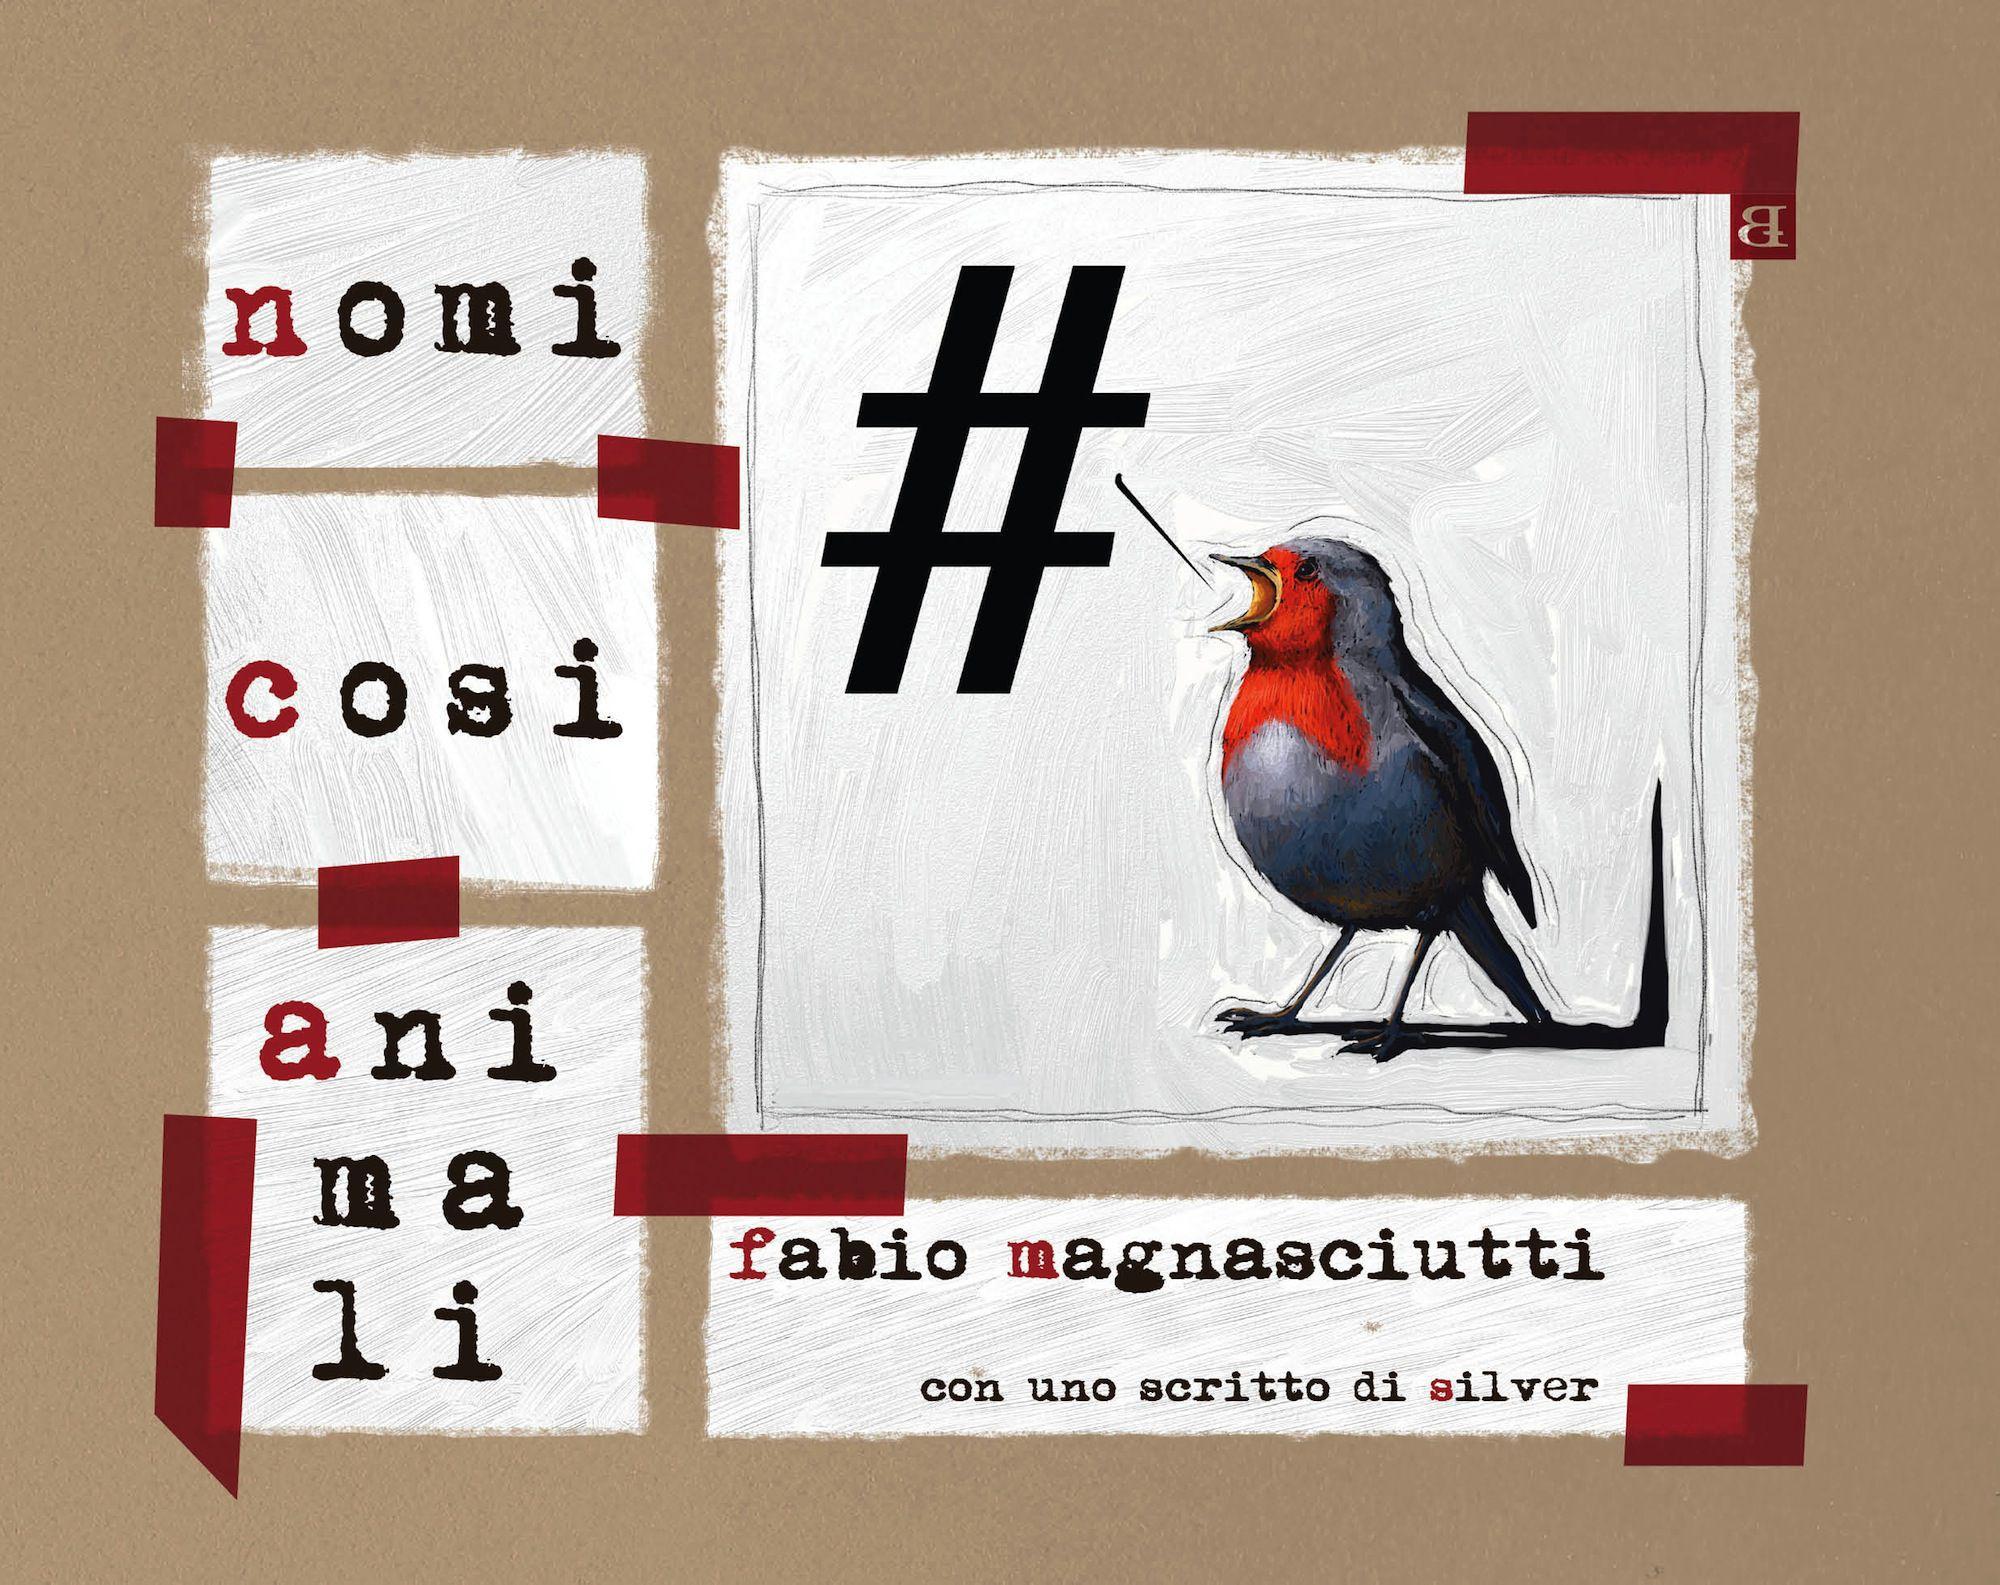 magnasciutti_nomicosianimali_cope_grande